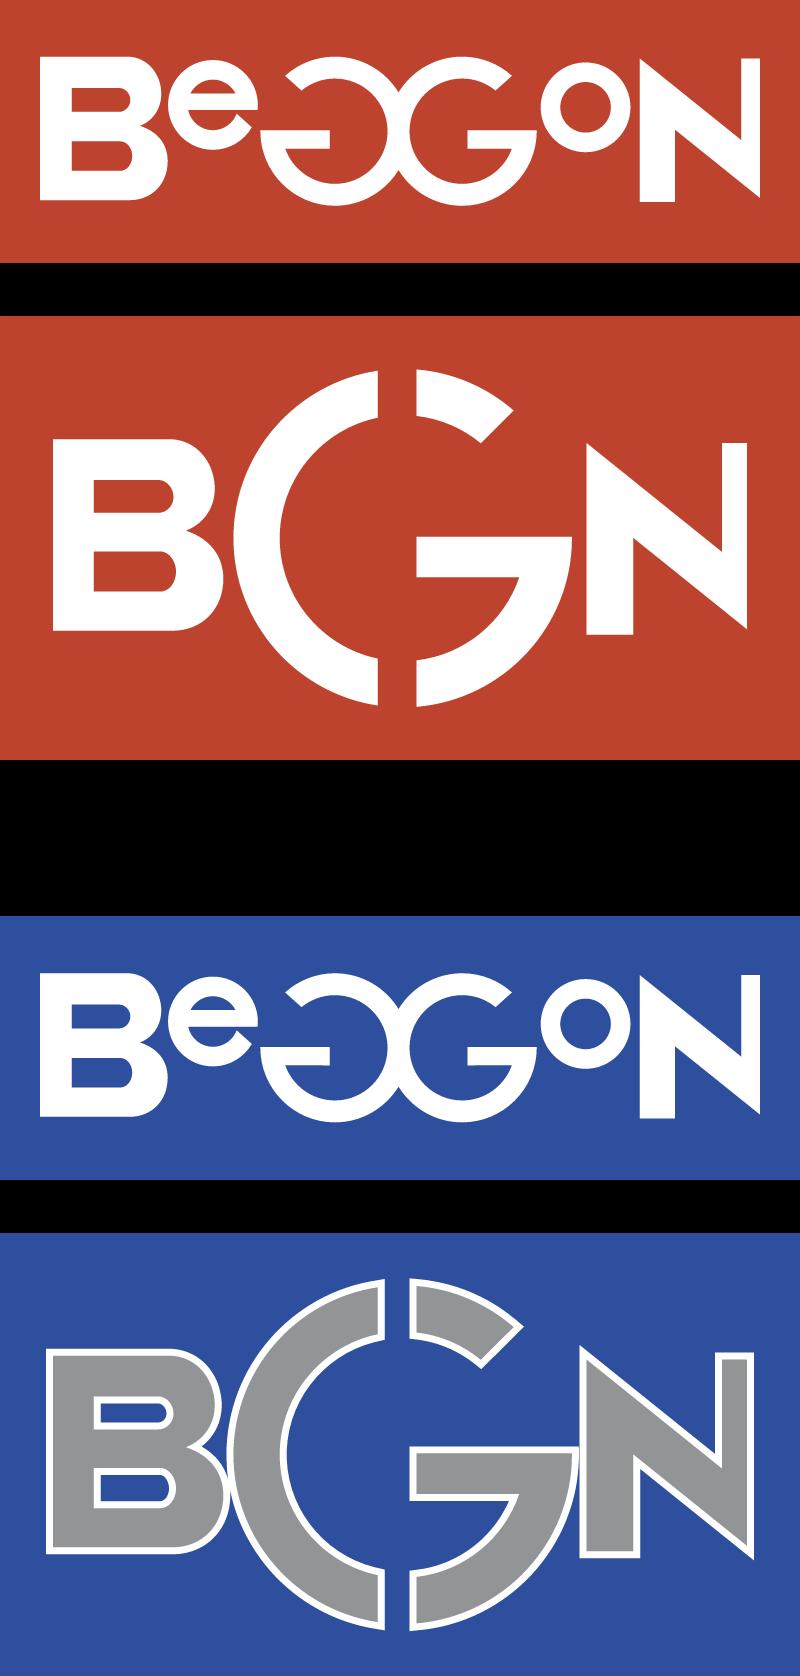 BeGGon 40461 vector